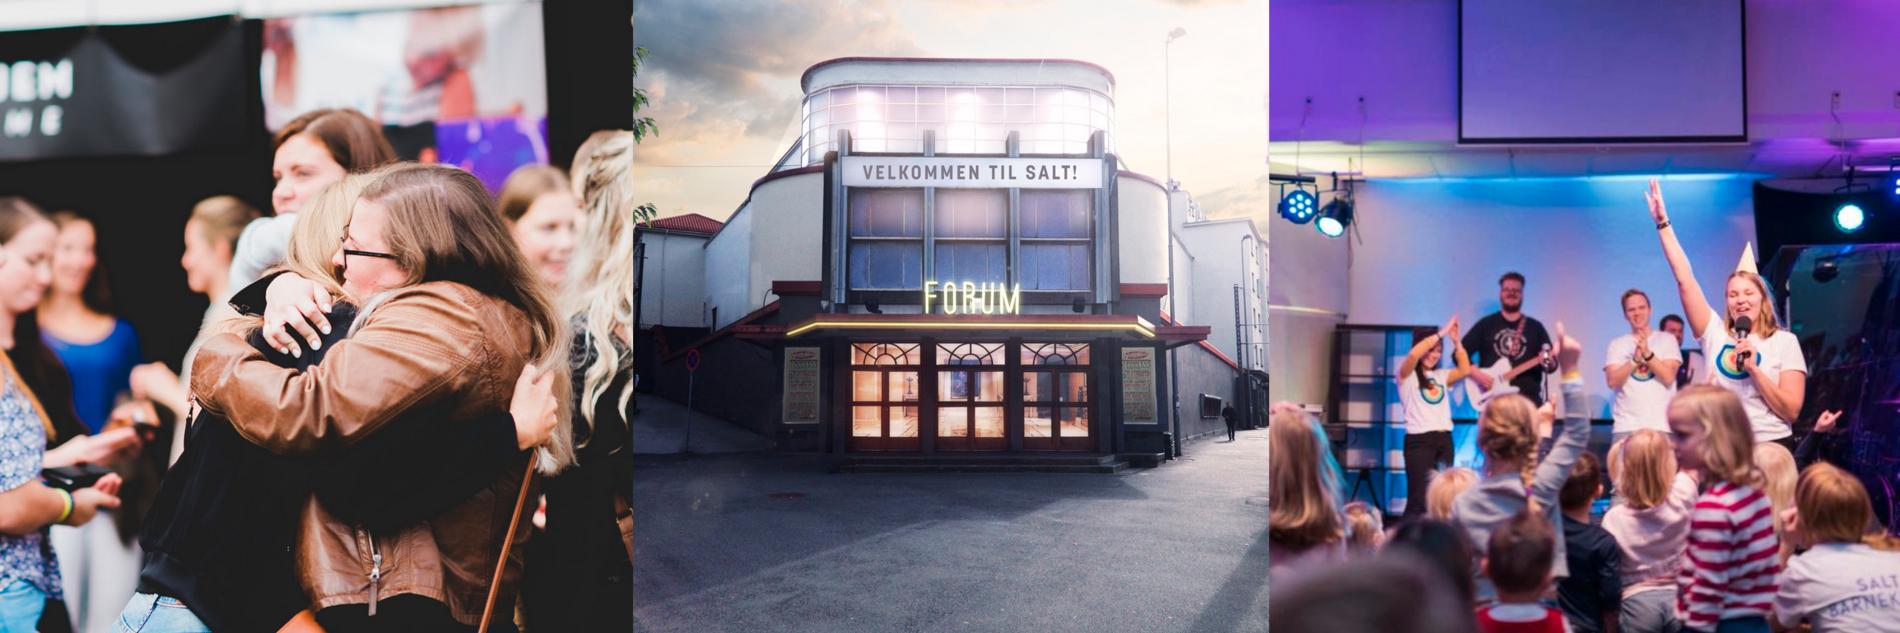 Forum: Et hjem for Salt - Et kulturhus for byen